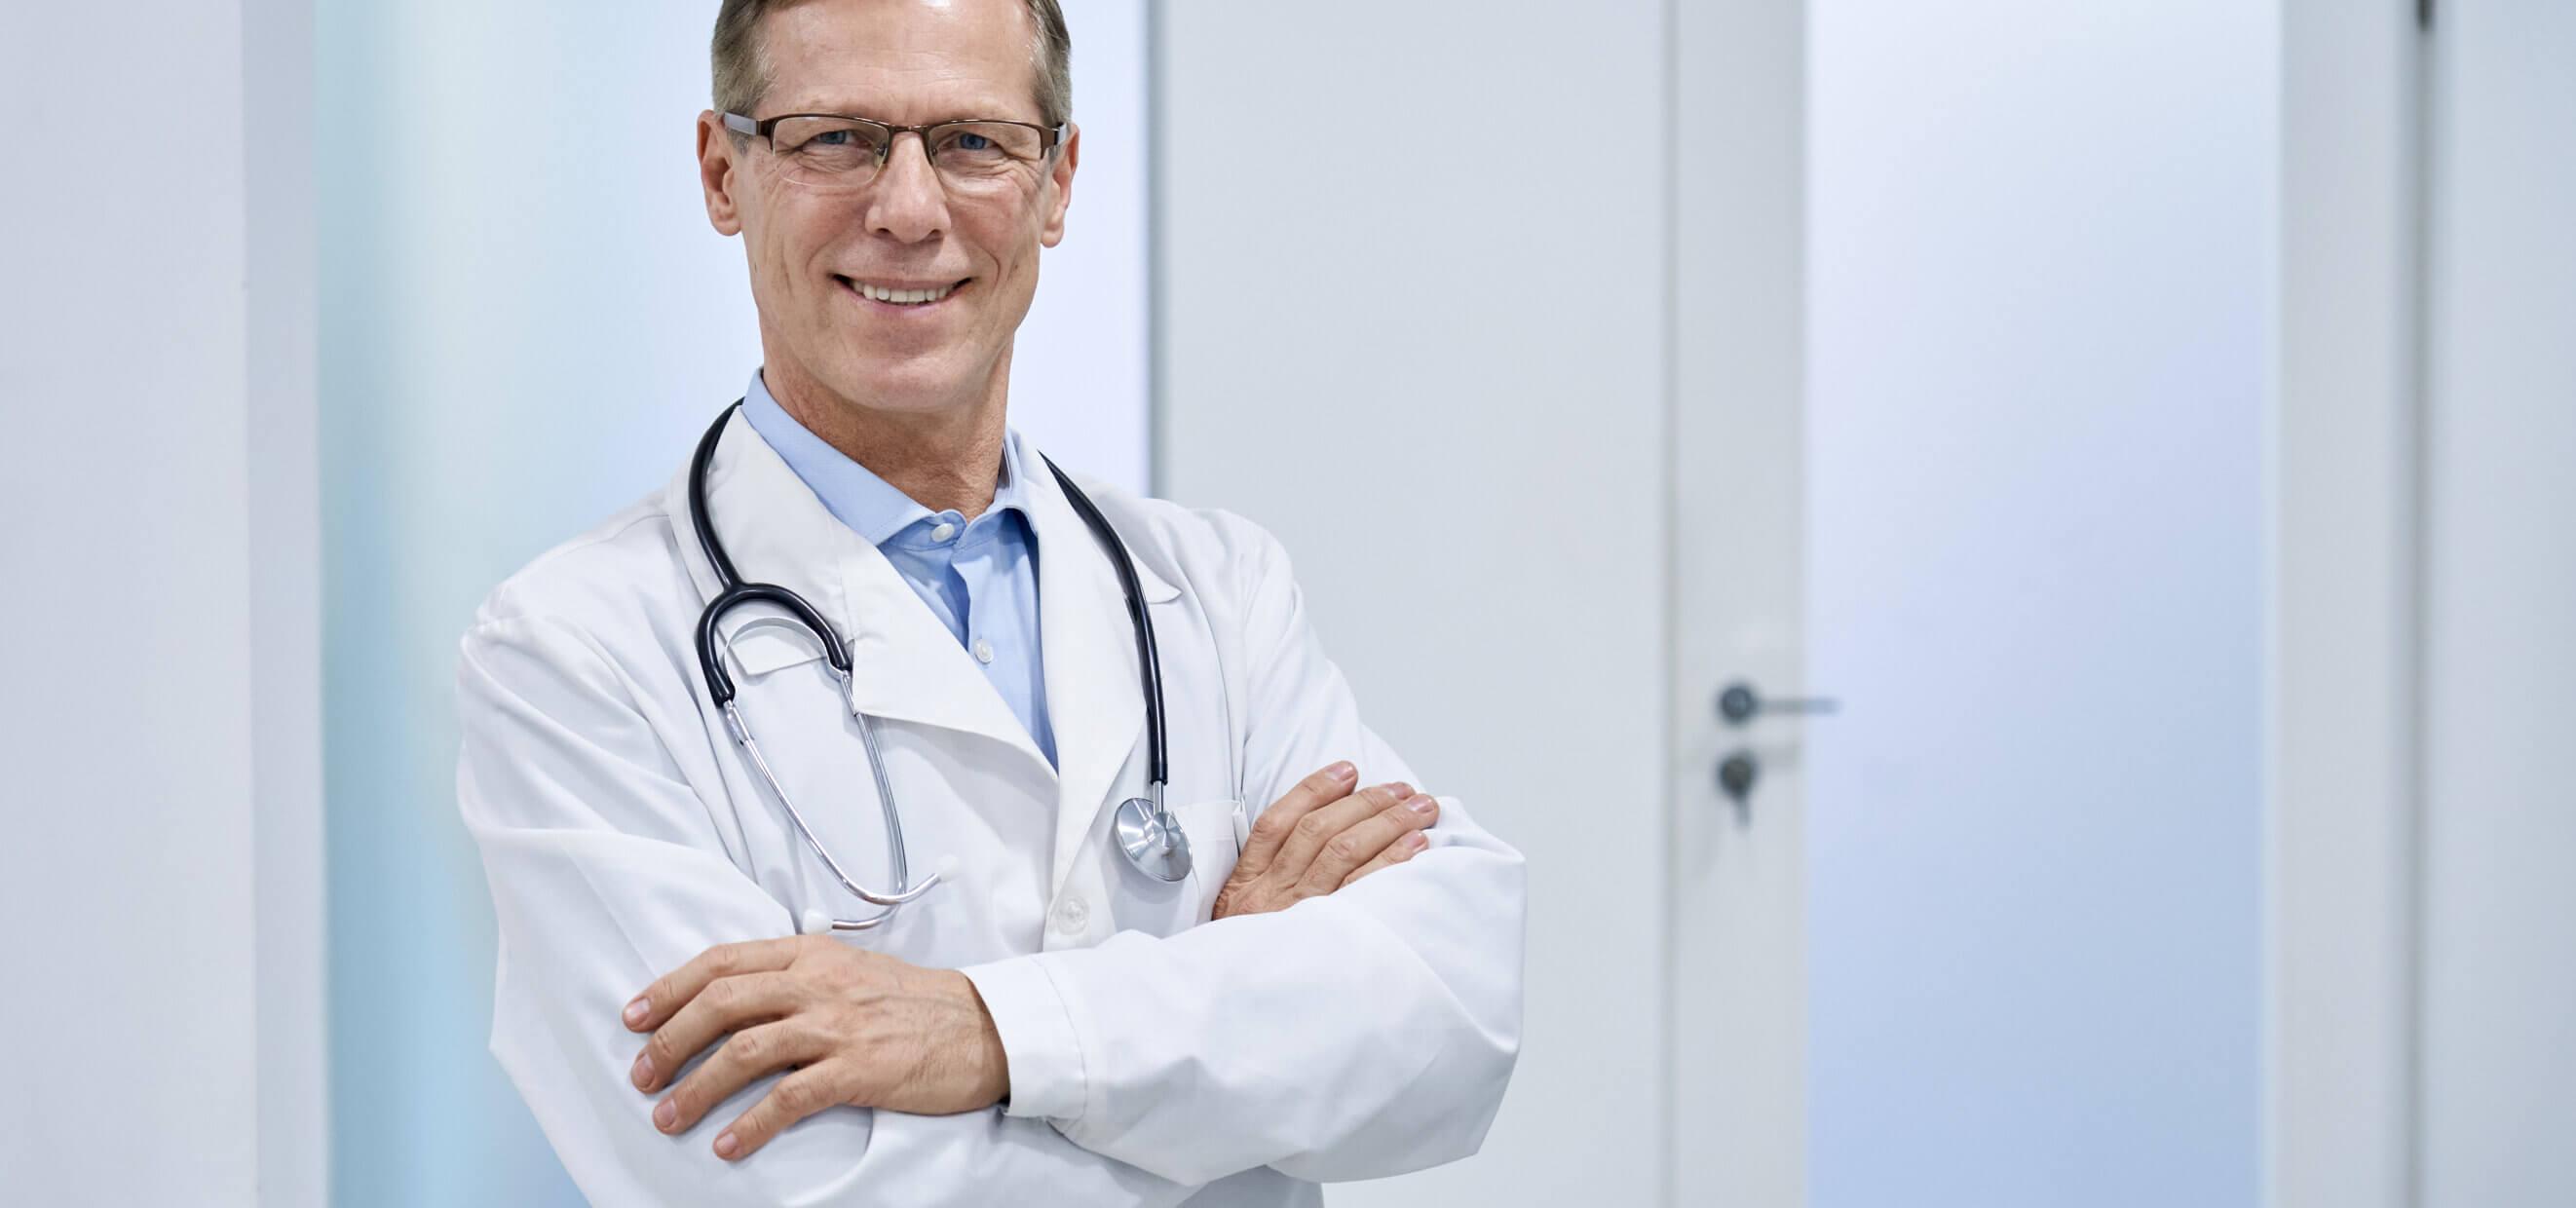 drEryk Idea - uśmiechnięty lekarz na korytarzu przychodni